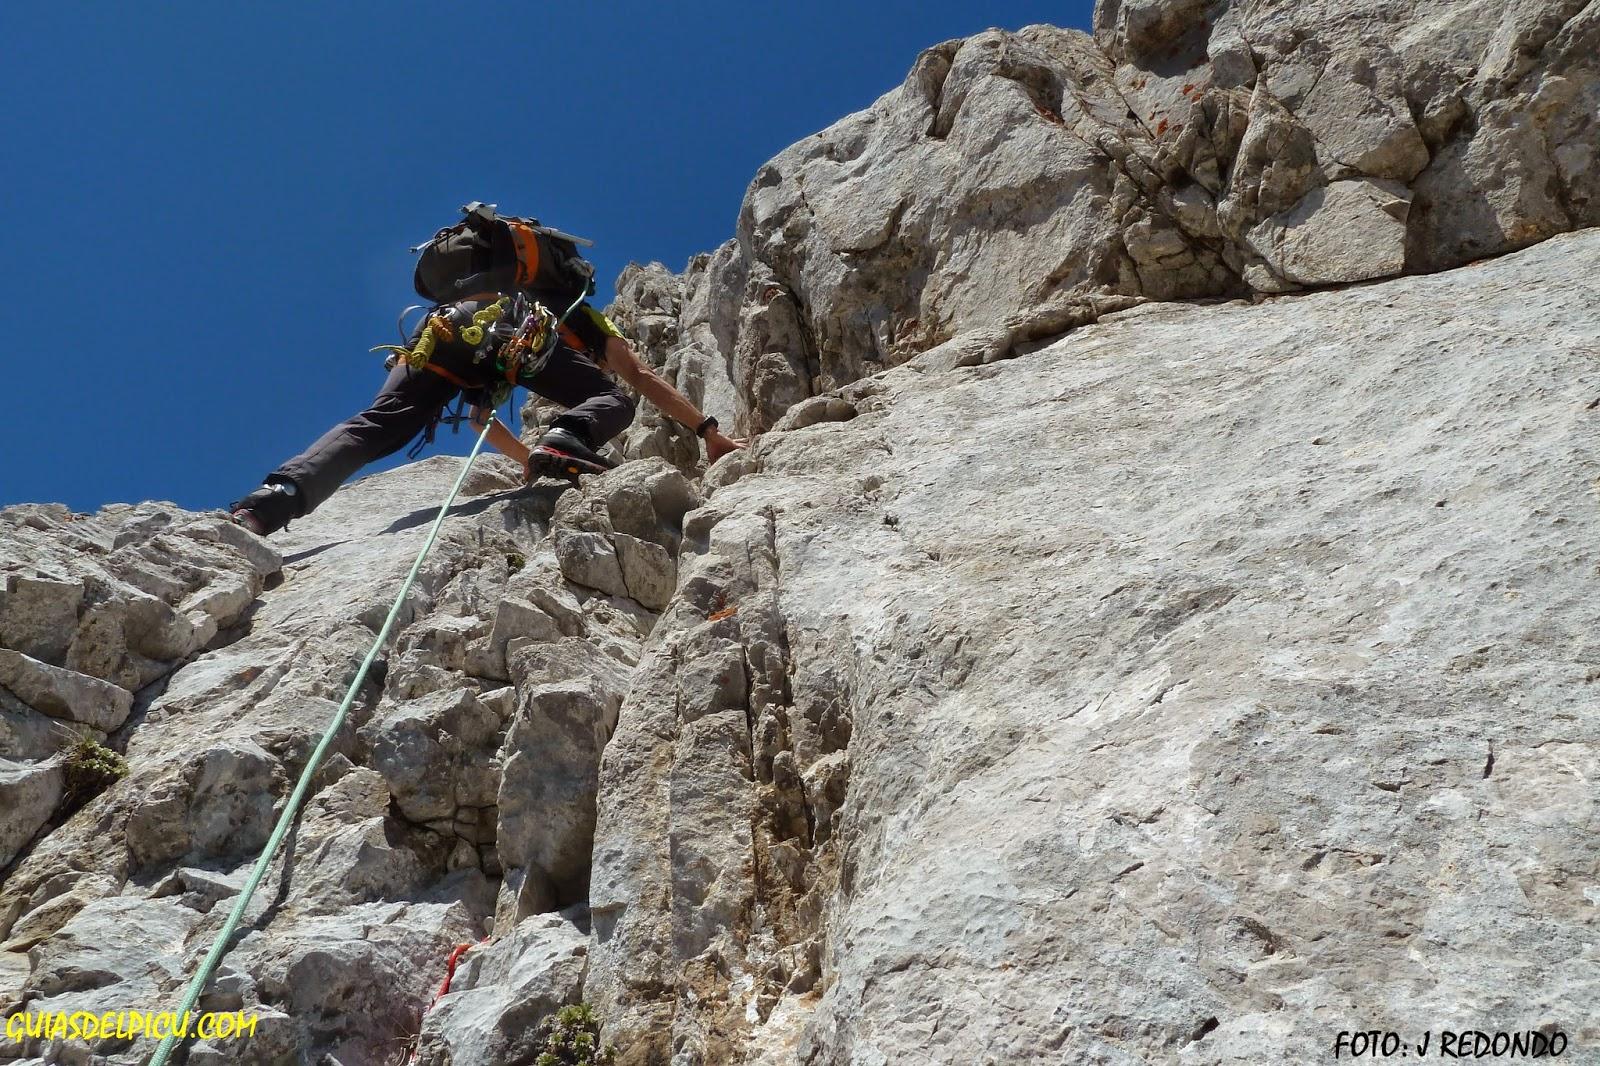 Fernando Calvo Guia de alta montaña. Guiasdelpicu.com